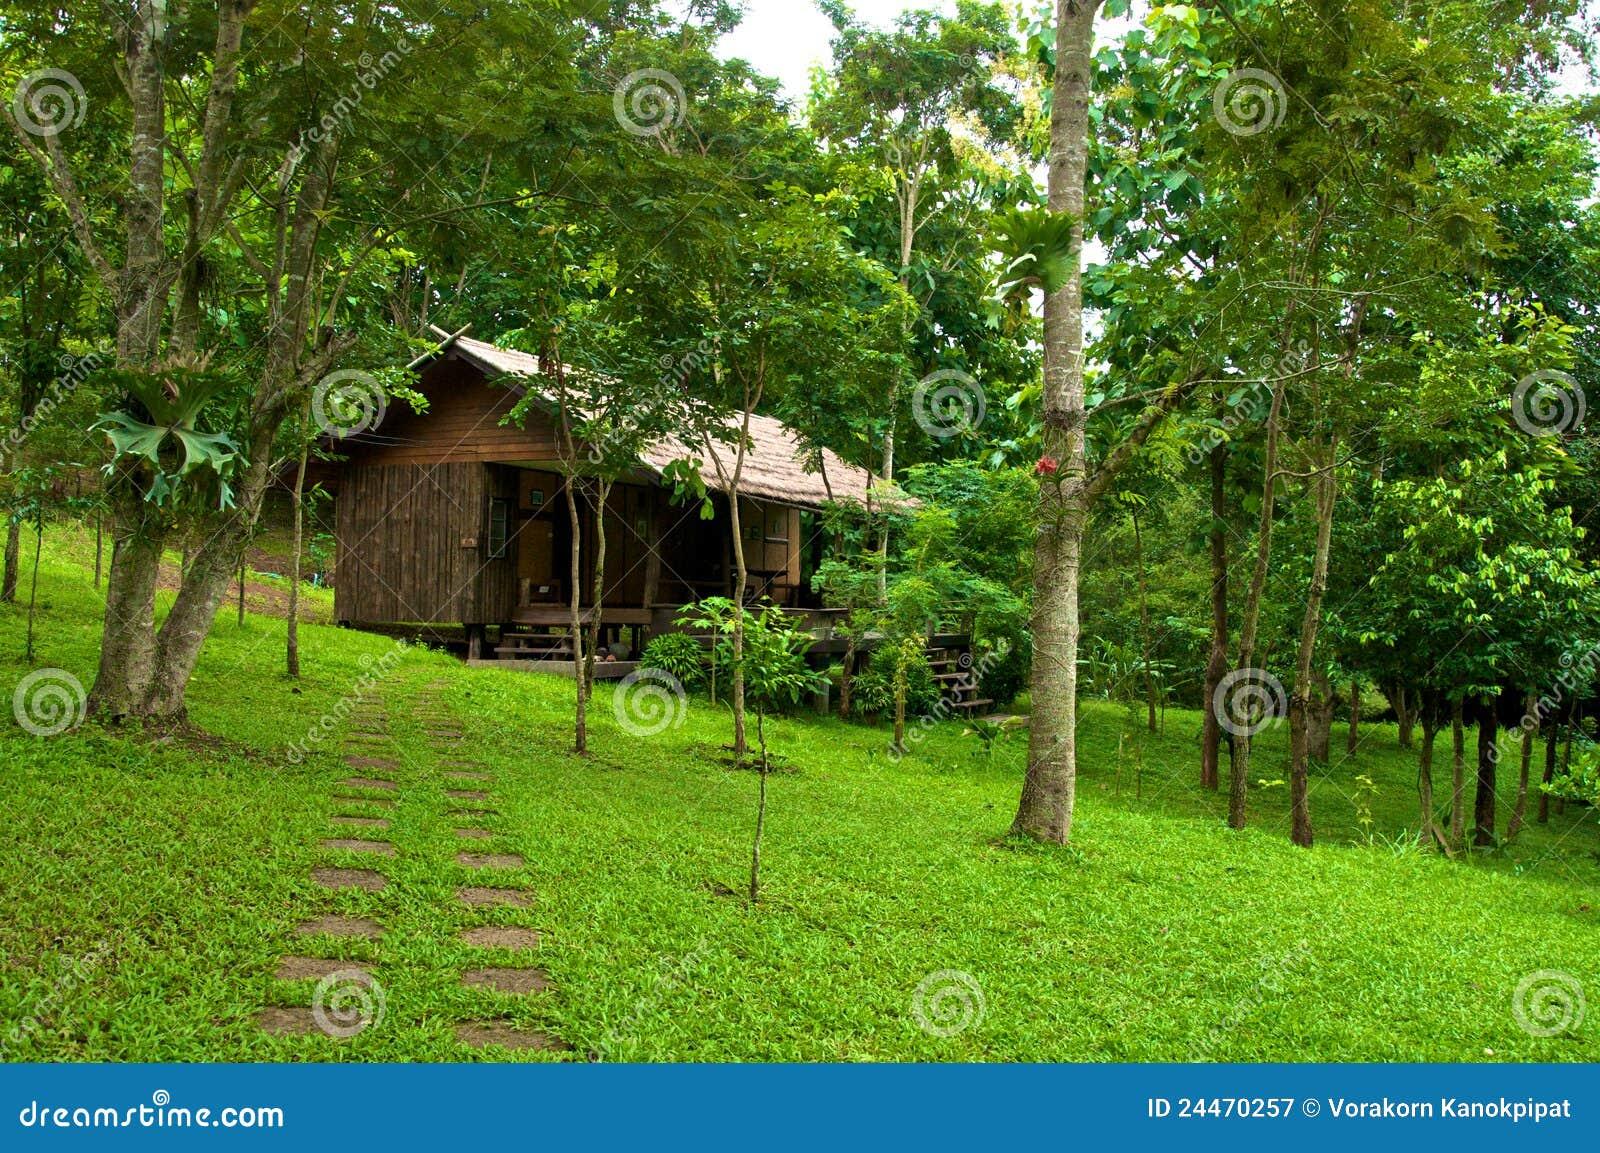 Casa de madera en el bosque fotograf a de archivo libre de - Casas el bosque ...